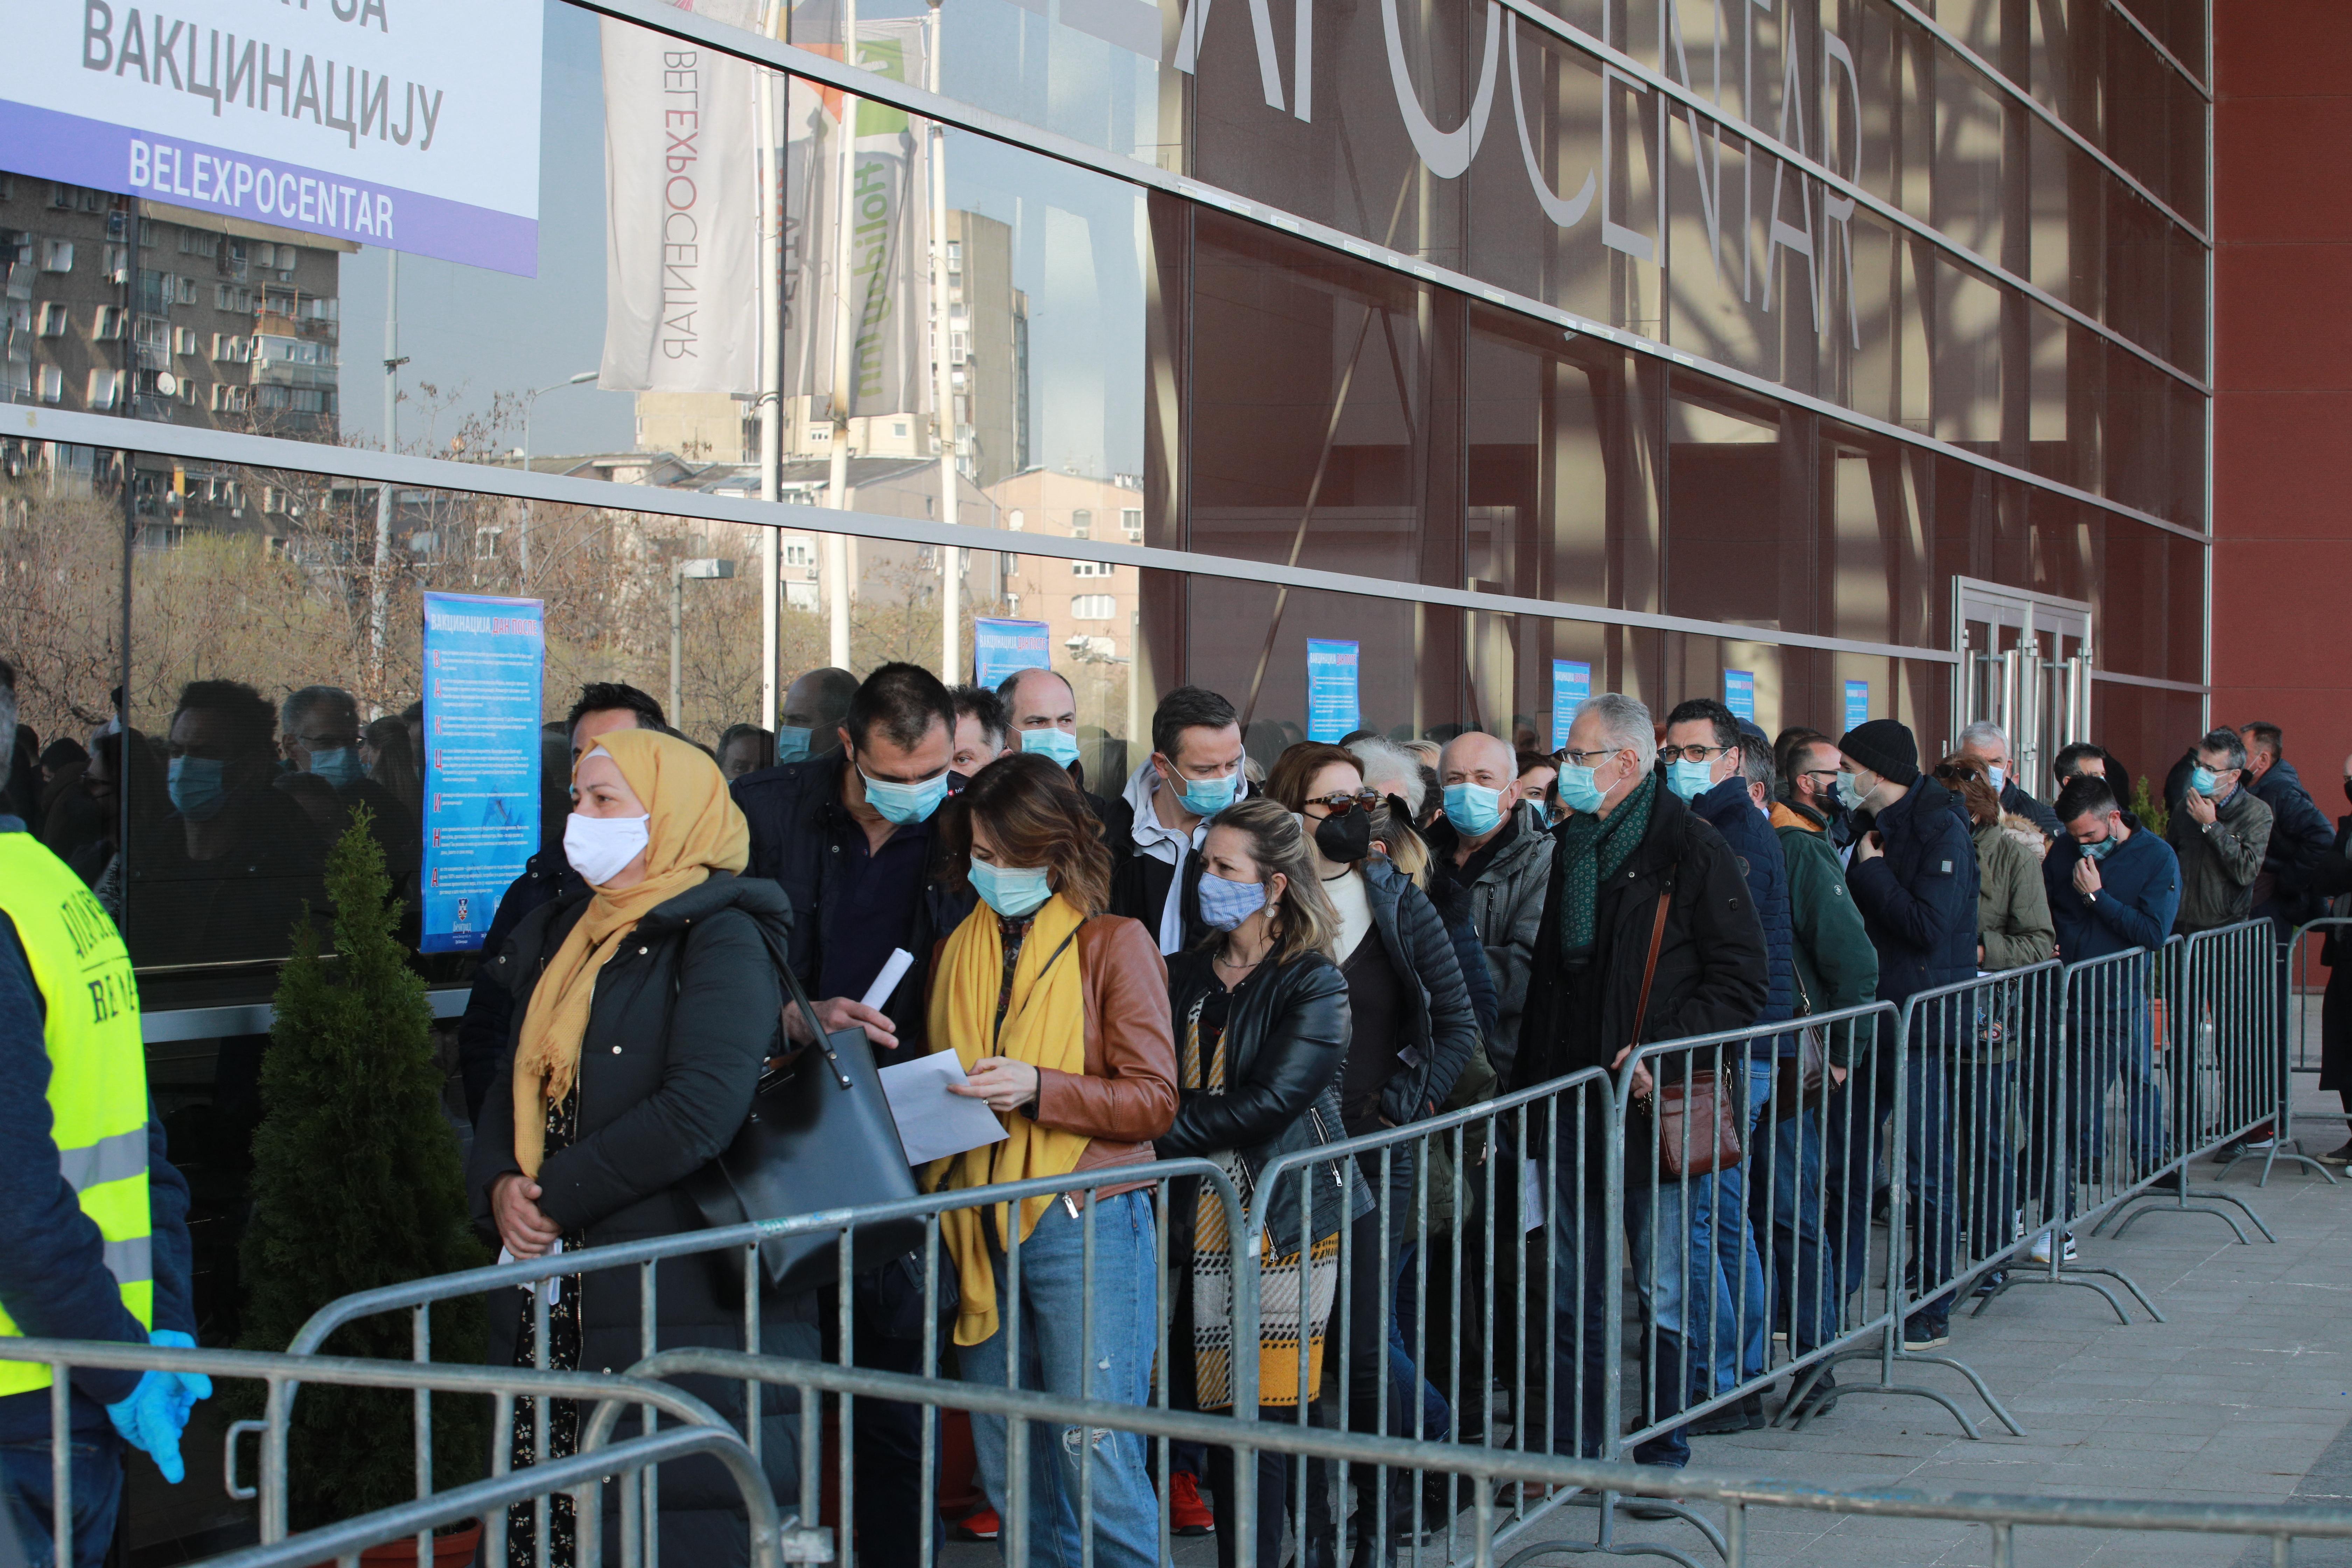 Hosszú sorokban várják a külföldiek a szerb határokon, hogy oltást kaphassanak